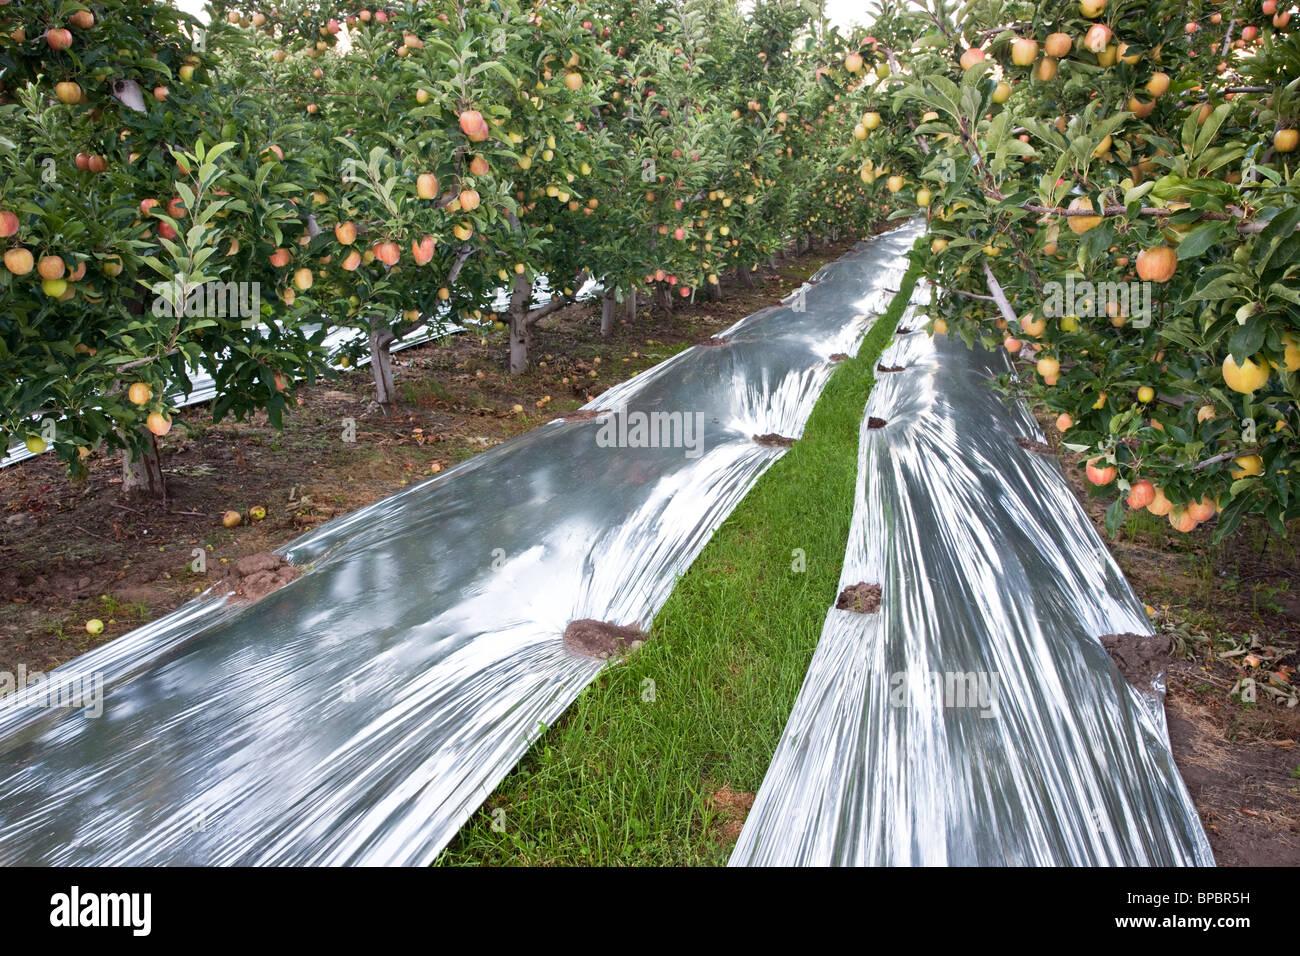 """Äpfel """"Gala"""" Obstgarten. Stockbild"""